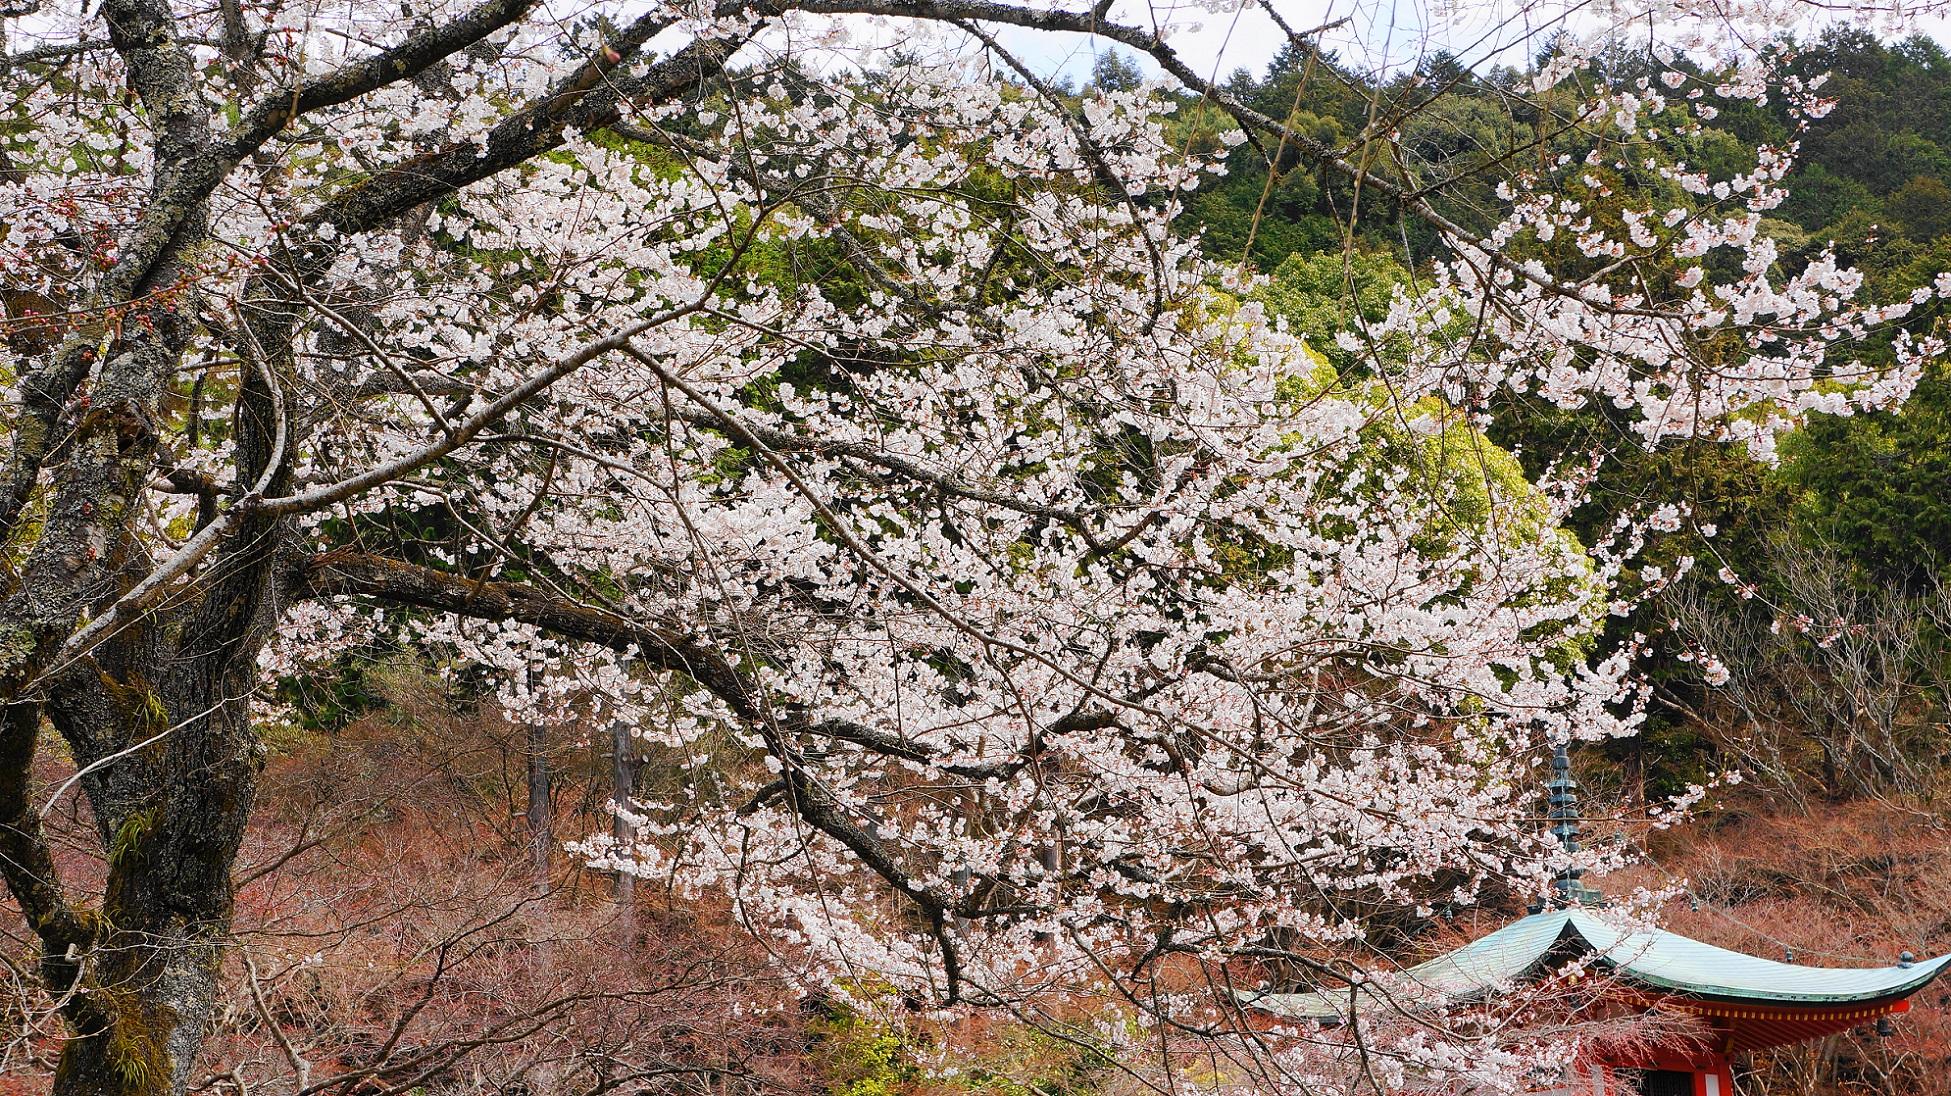 醍醐寺 桜 華やか 春 弁天堂 桜